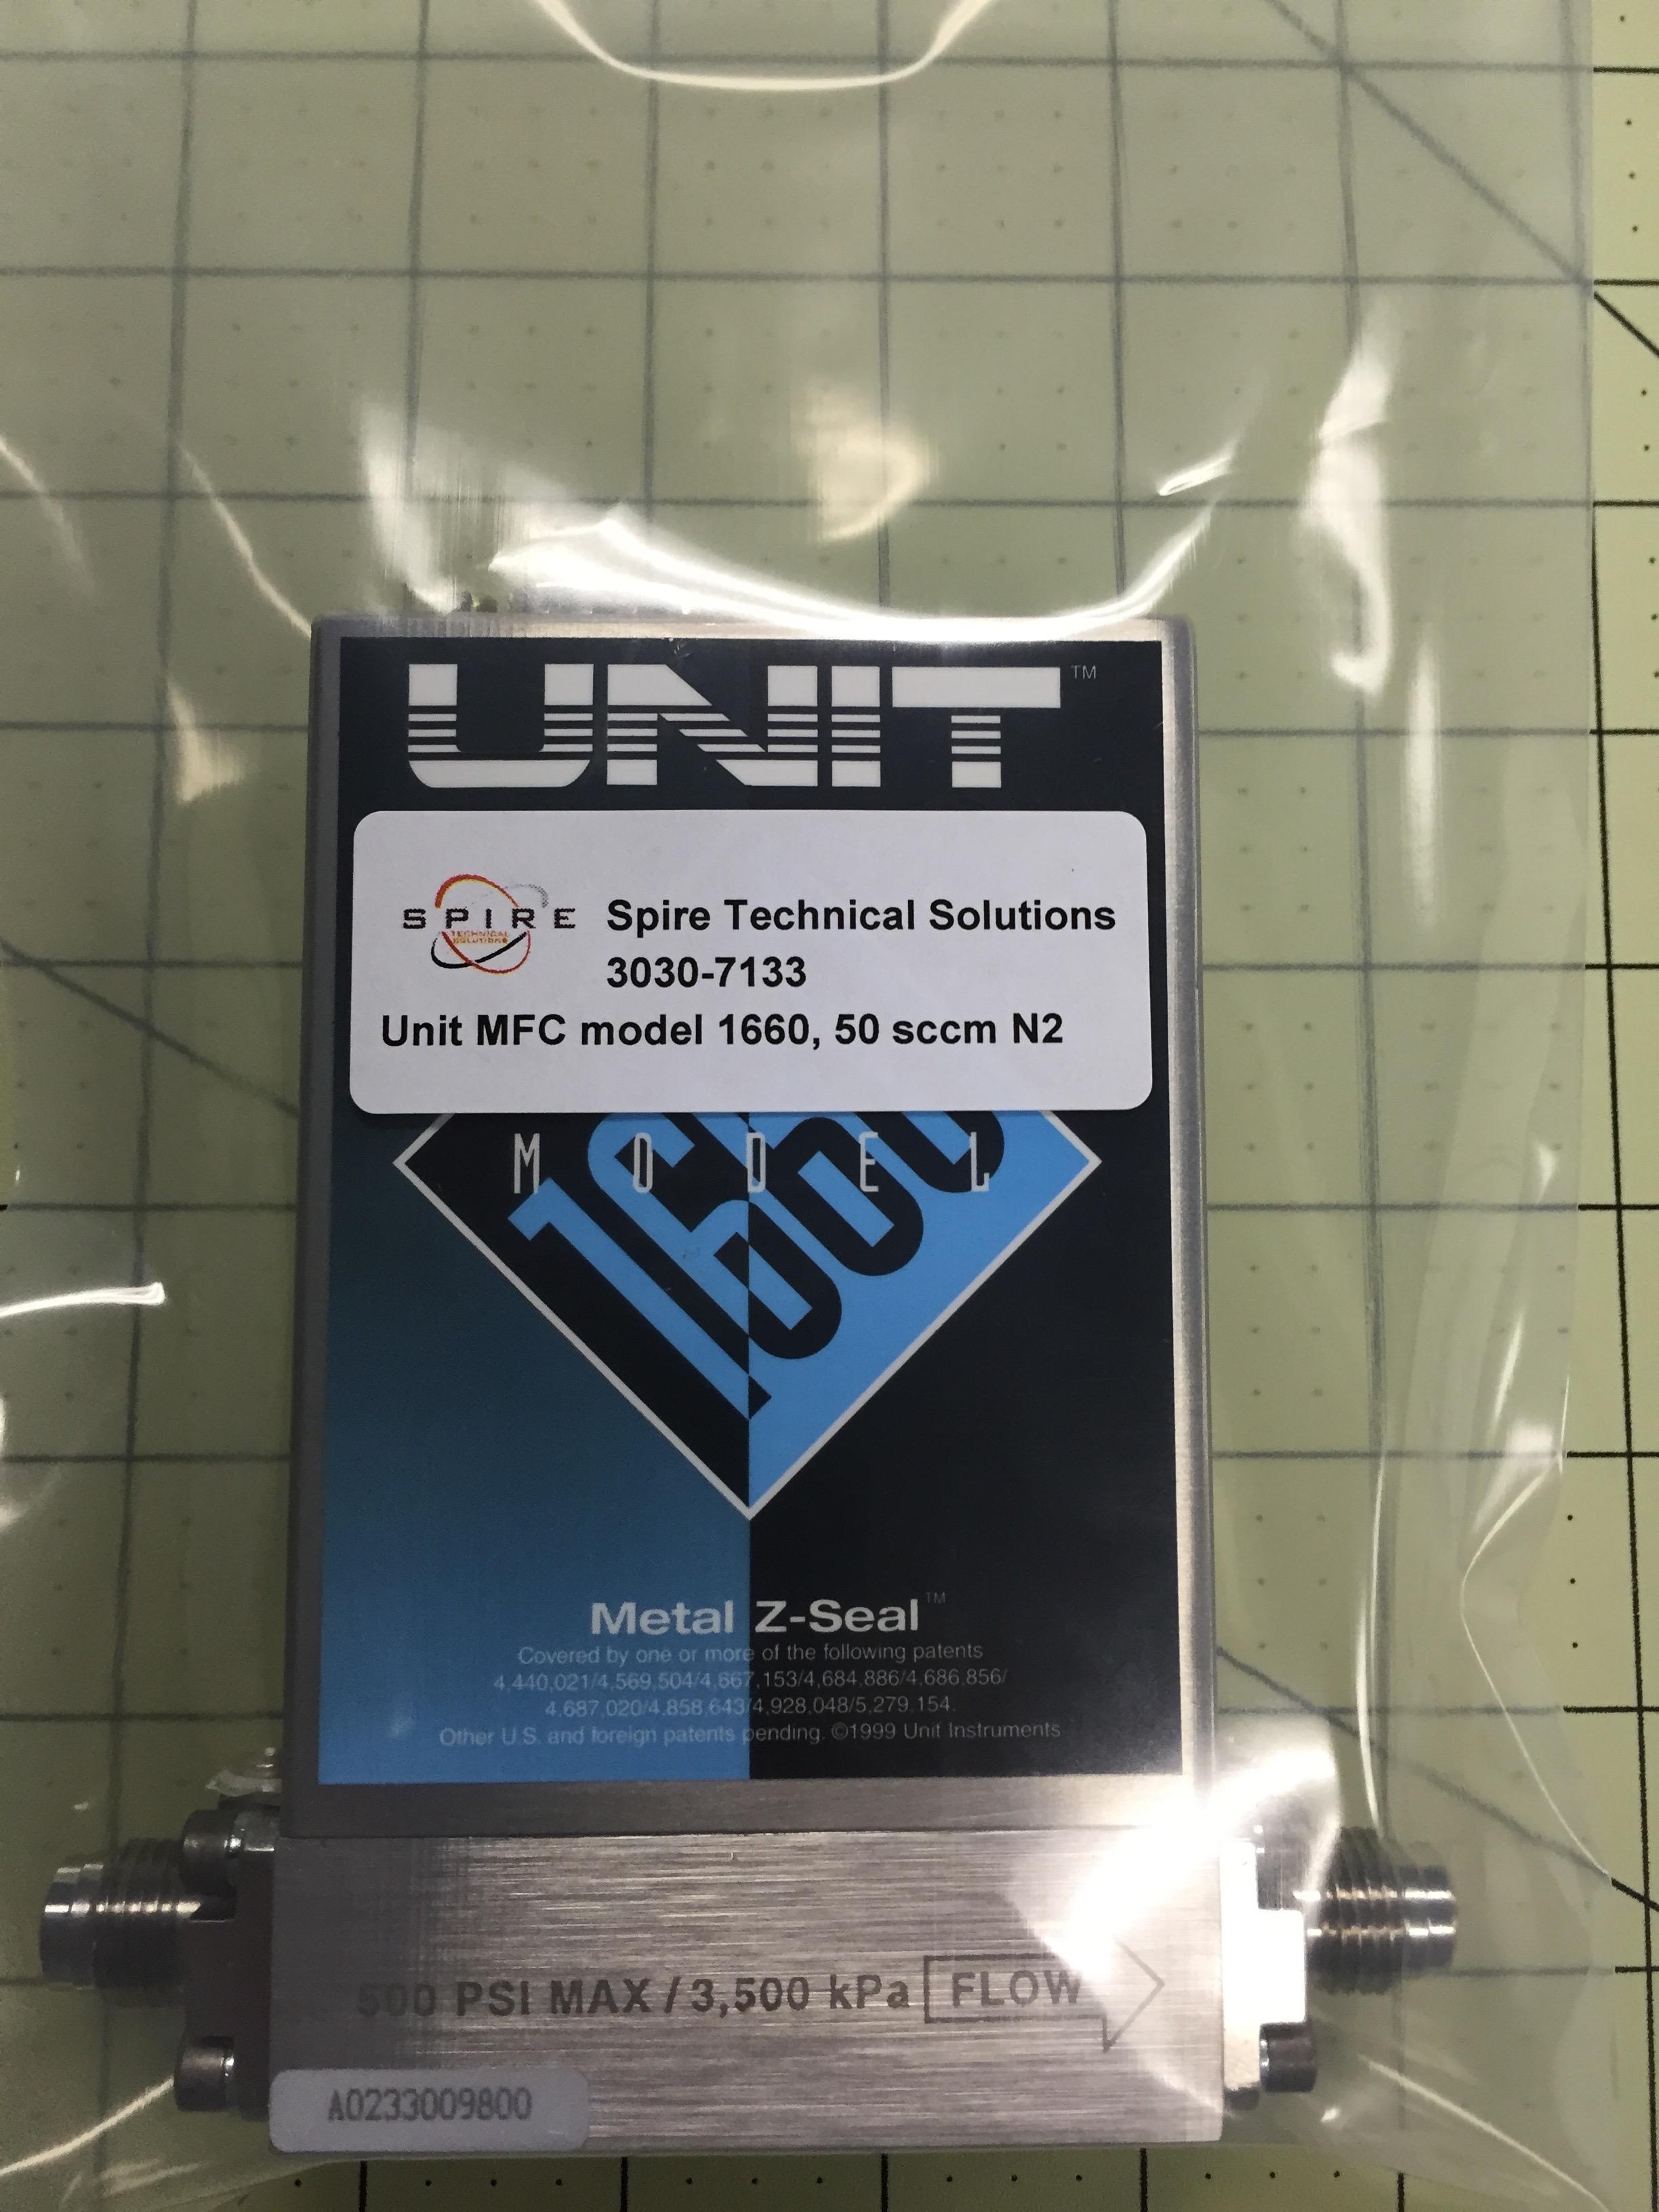 Unit MFC model 1660, 50 sccm N2